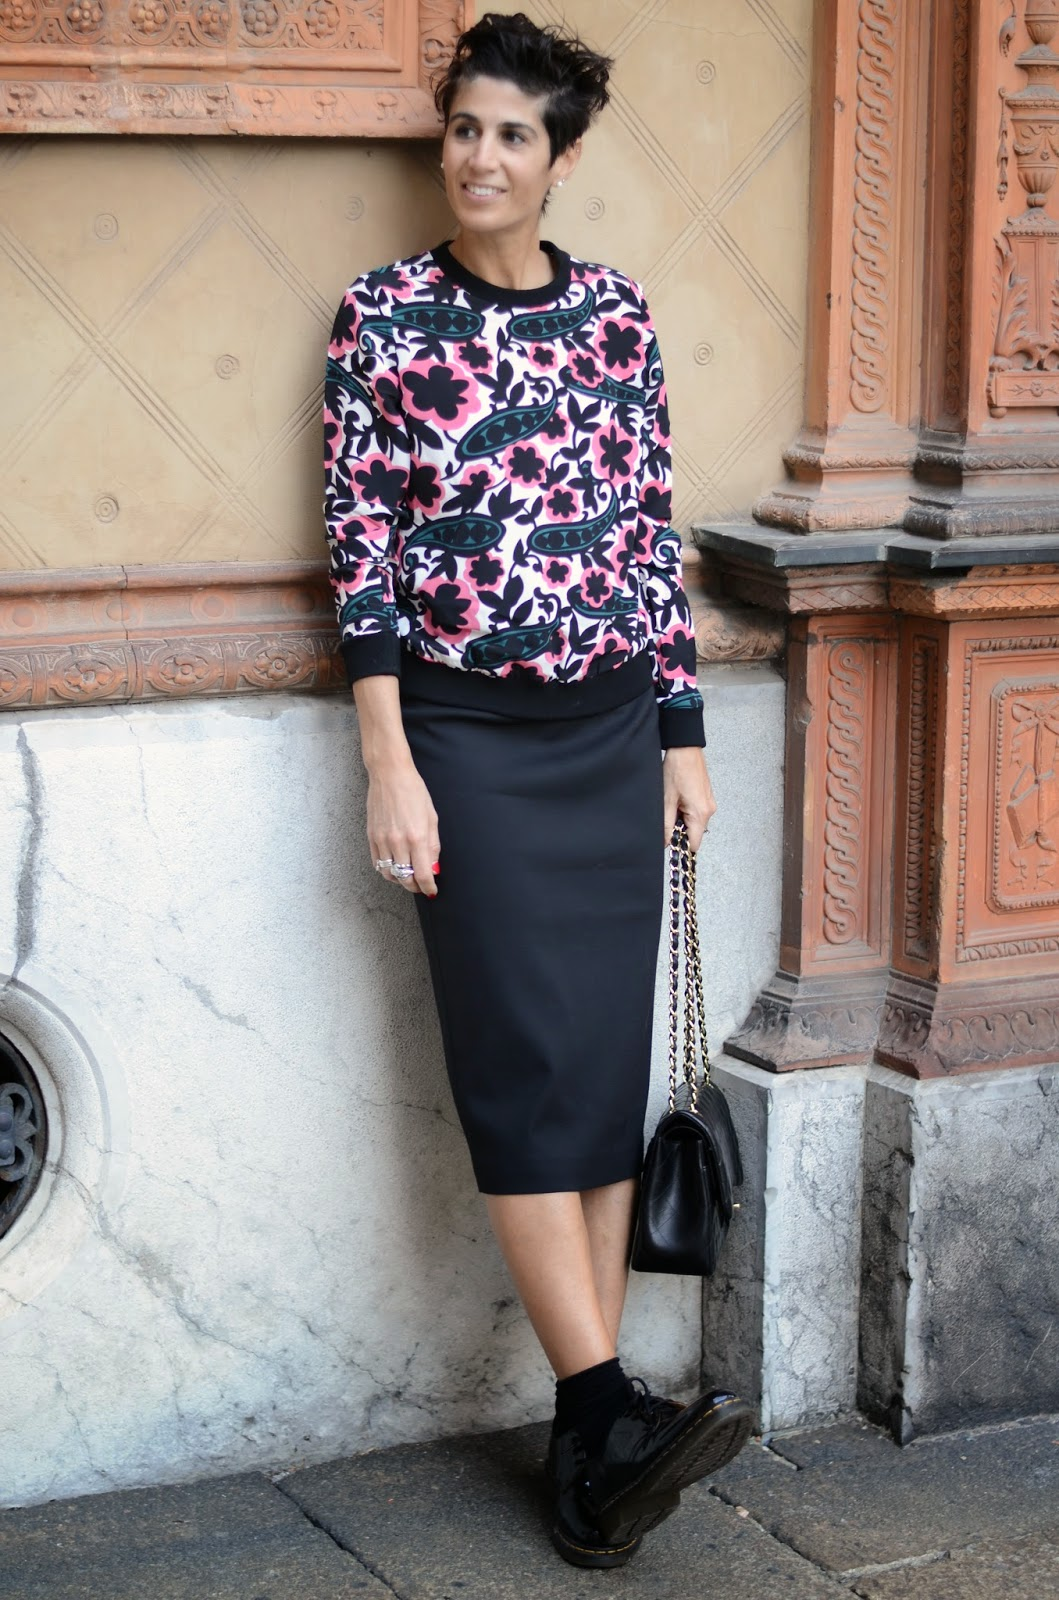 La Troisième: Pencil Skirt And Dr Martens